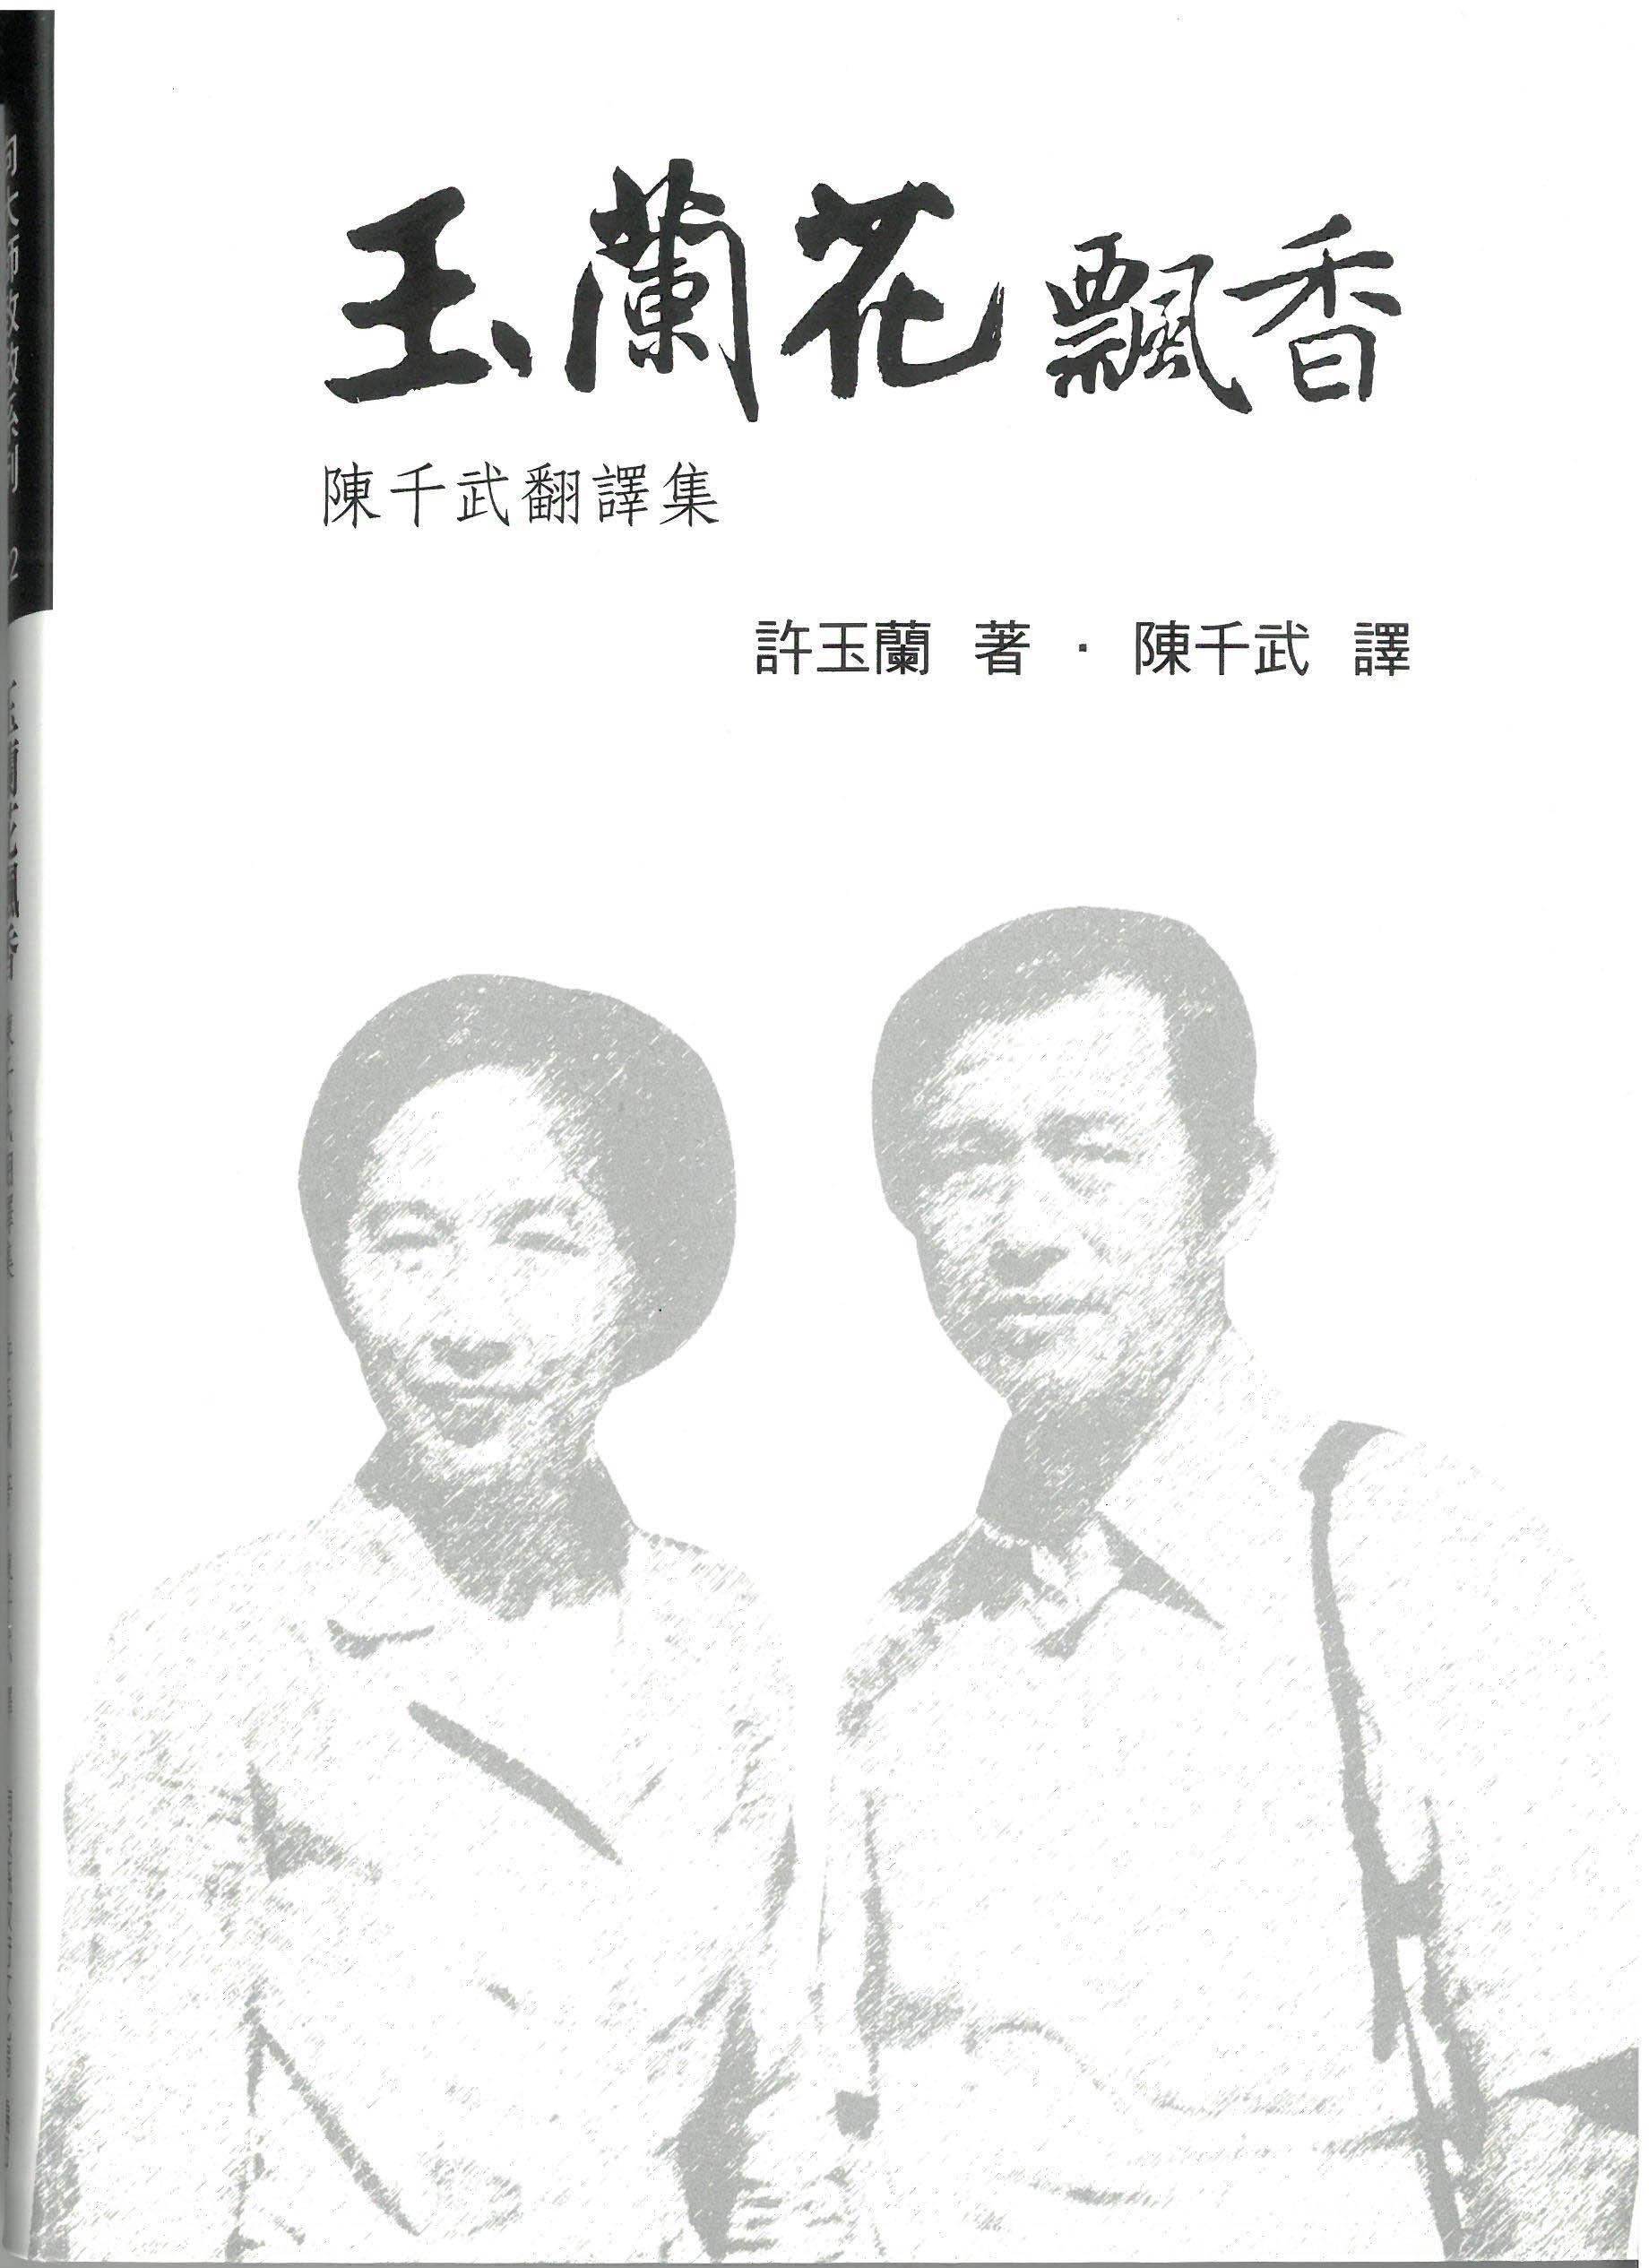 玉蘭花飄香-陳千武翻譯集